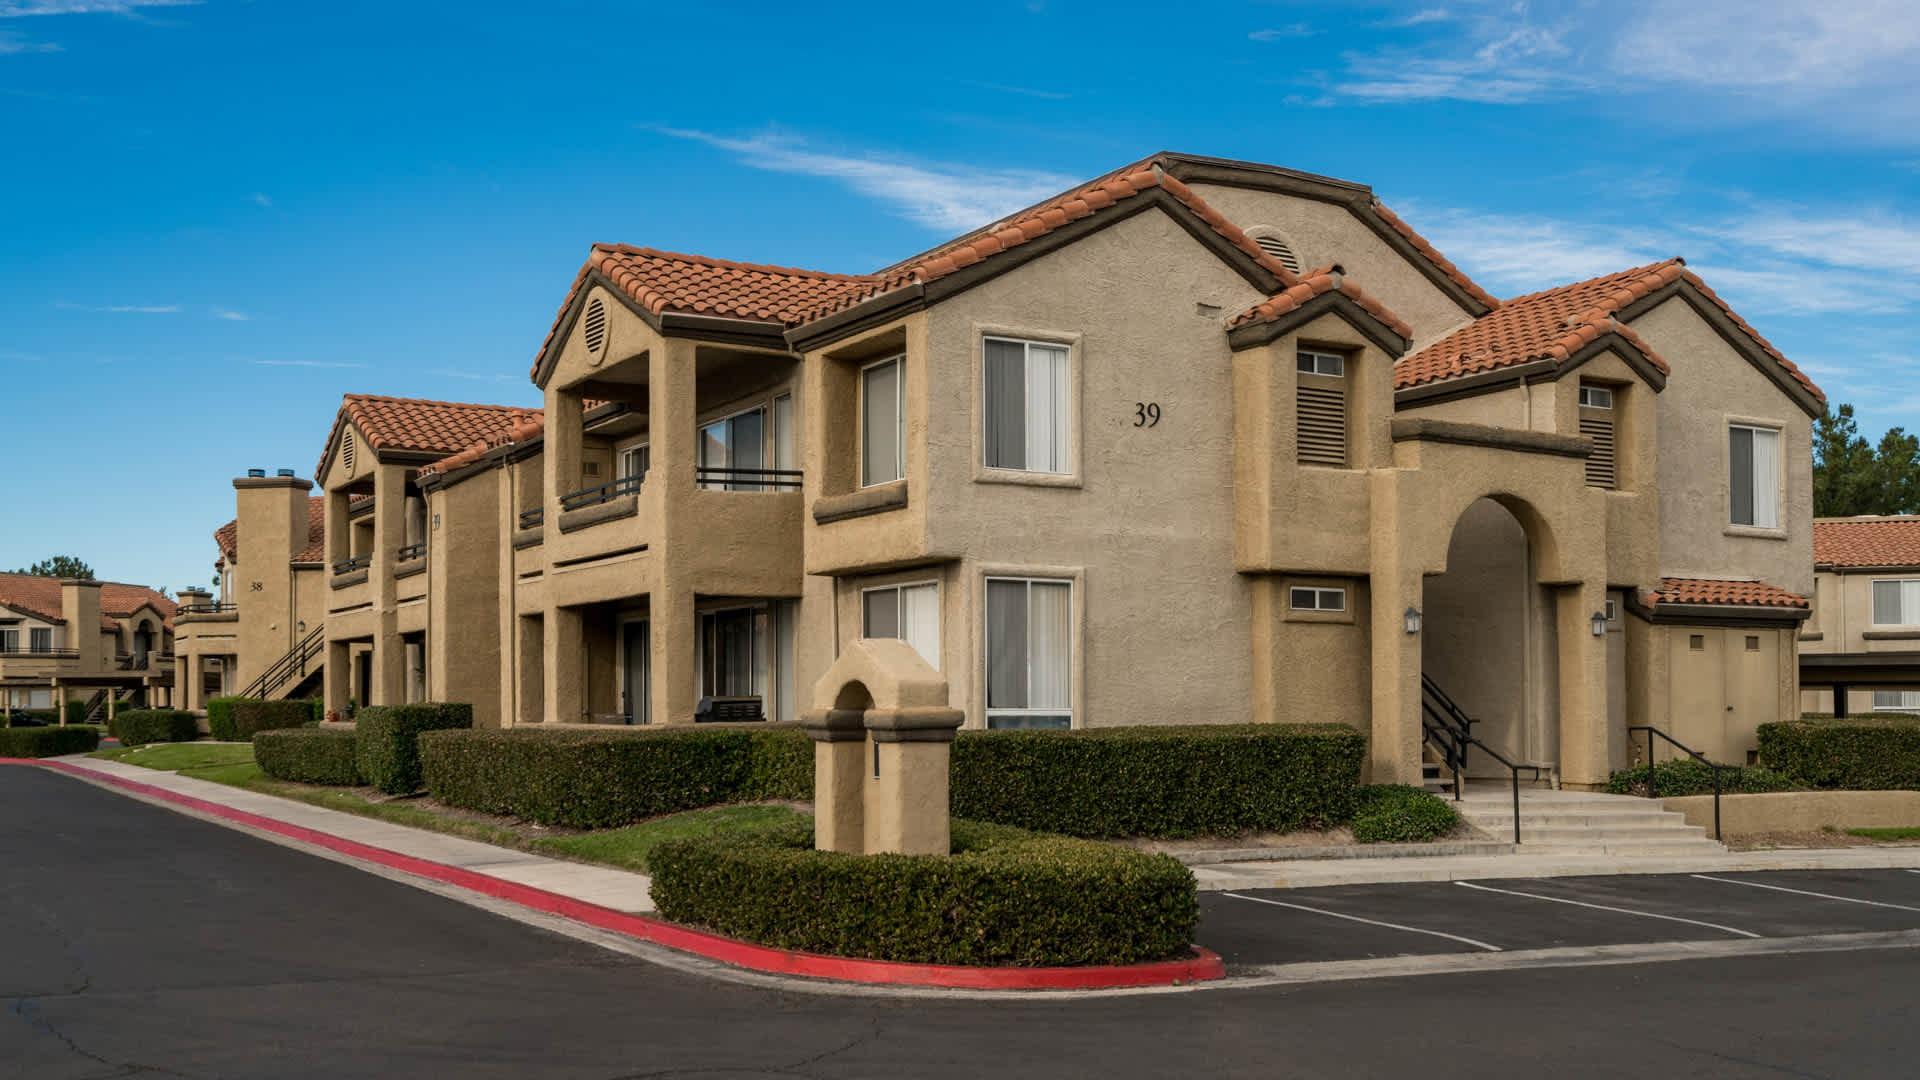 Apartments Near Saddleback Vista Del Lago for Saddleback College Students in Mission Viejo, CA